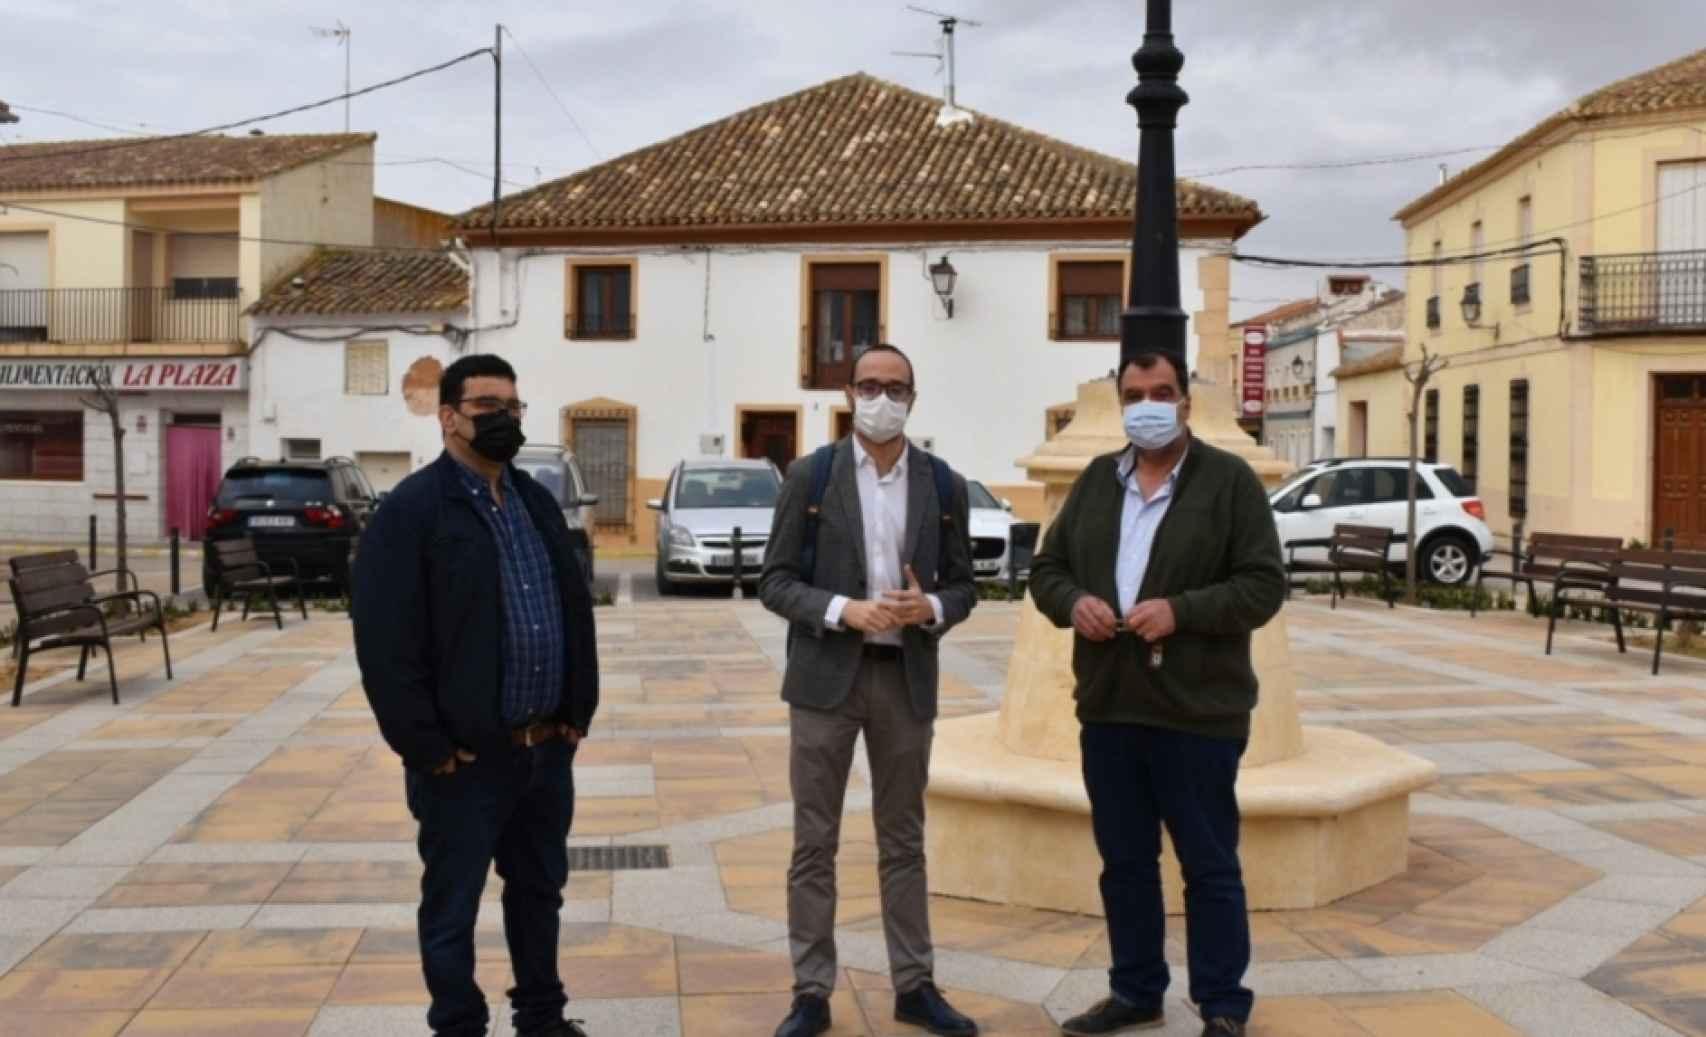 Miguel Escobar, teniente de alcalde; Fran Valera, vicepresidente de la Diputación, y José Luis Martínez, alcalde de Villalgordo, en la plaza.